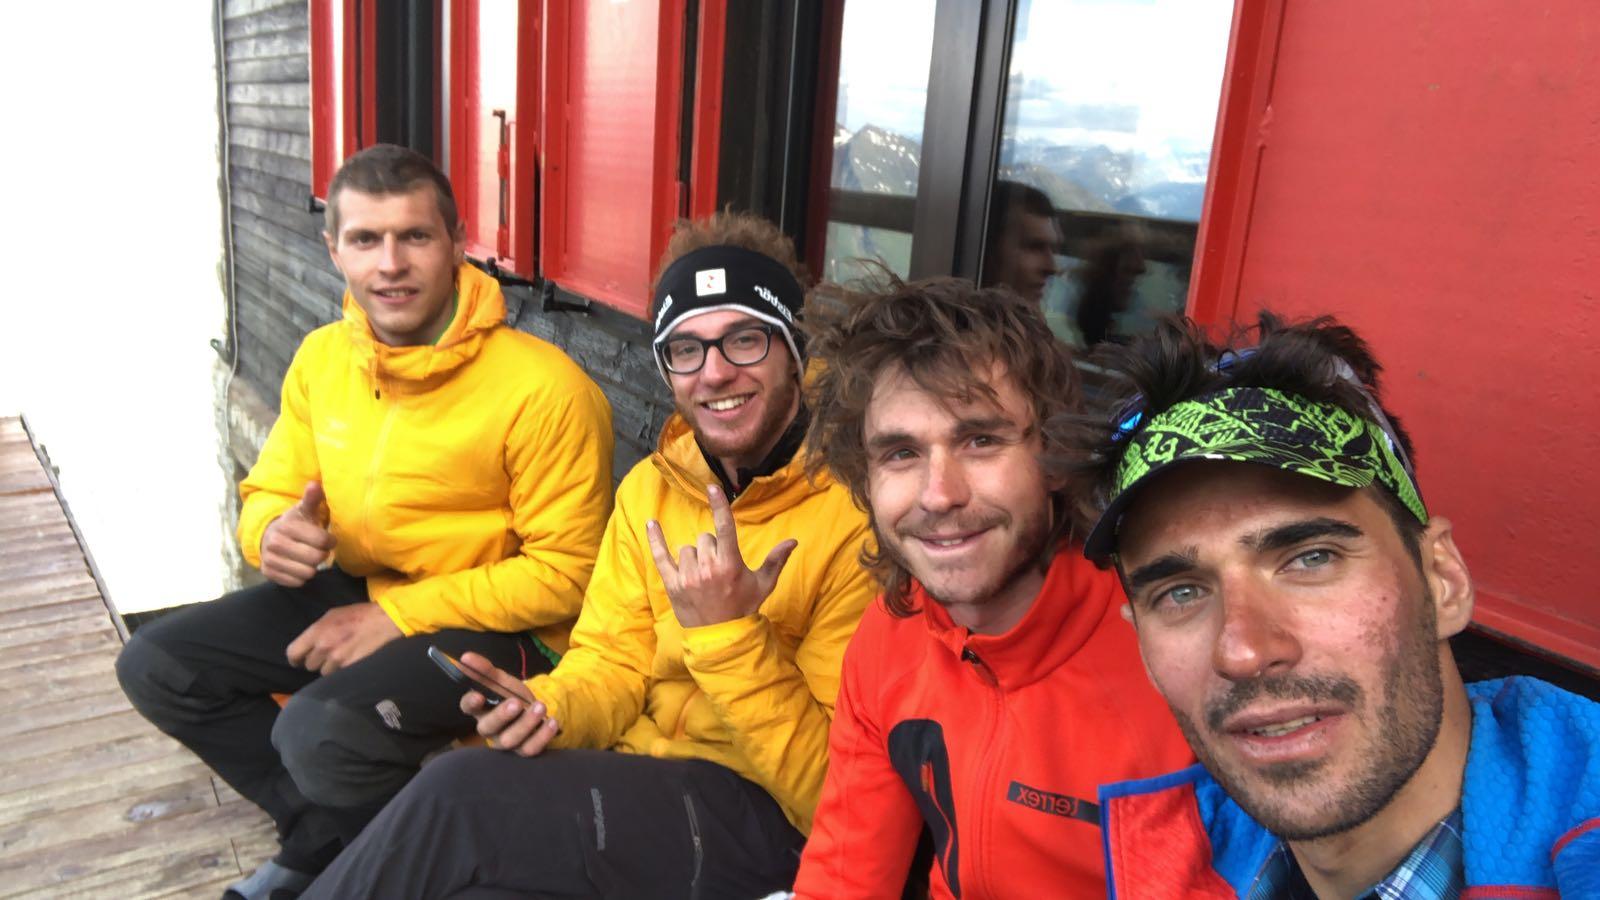 Da sinistra: Davide Visconti, Paolo Belloni, Maurizio Tasca e Luca Moroni al rifugio Boccalatte (Ph. Maurizio Tasca – Archivio Ragni della Grignetta)